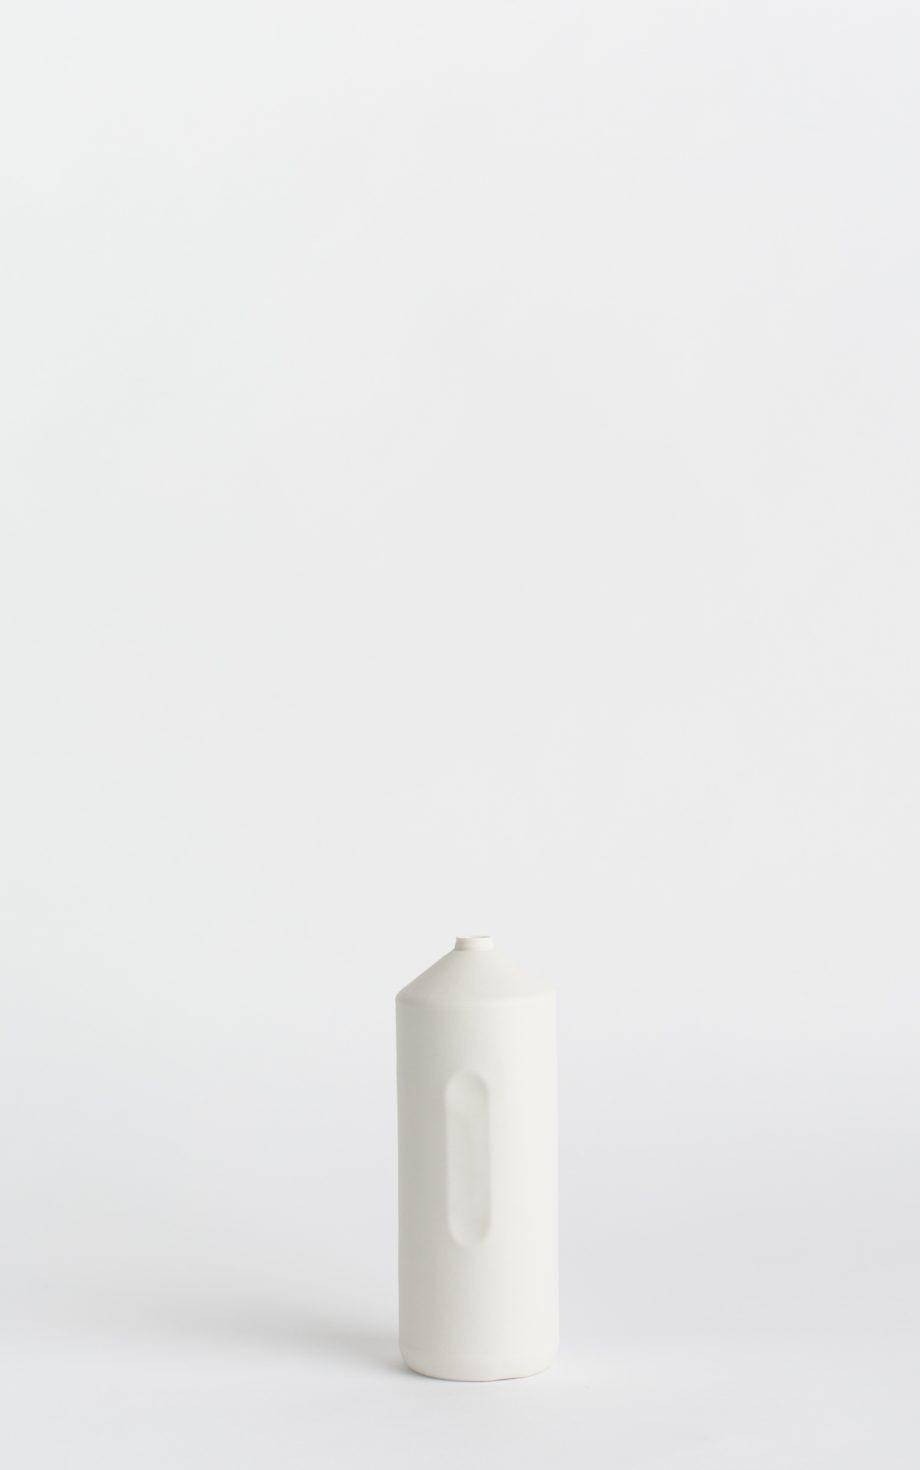 bottle vase #2 white